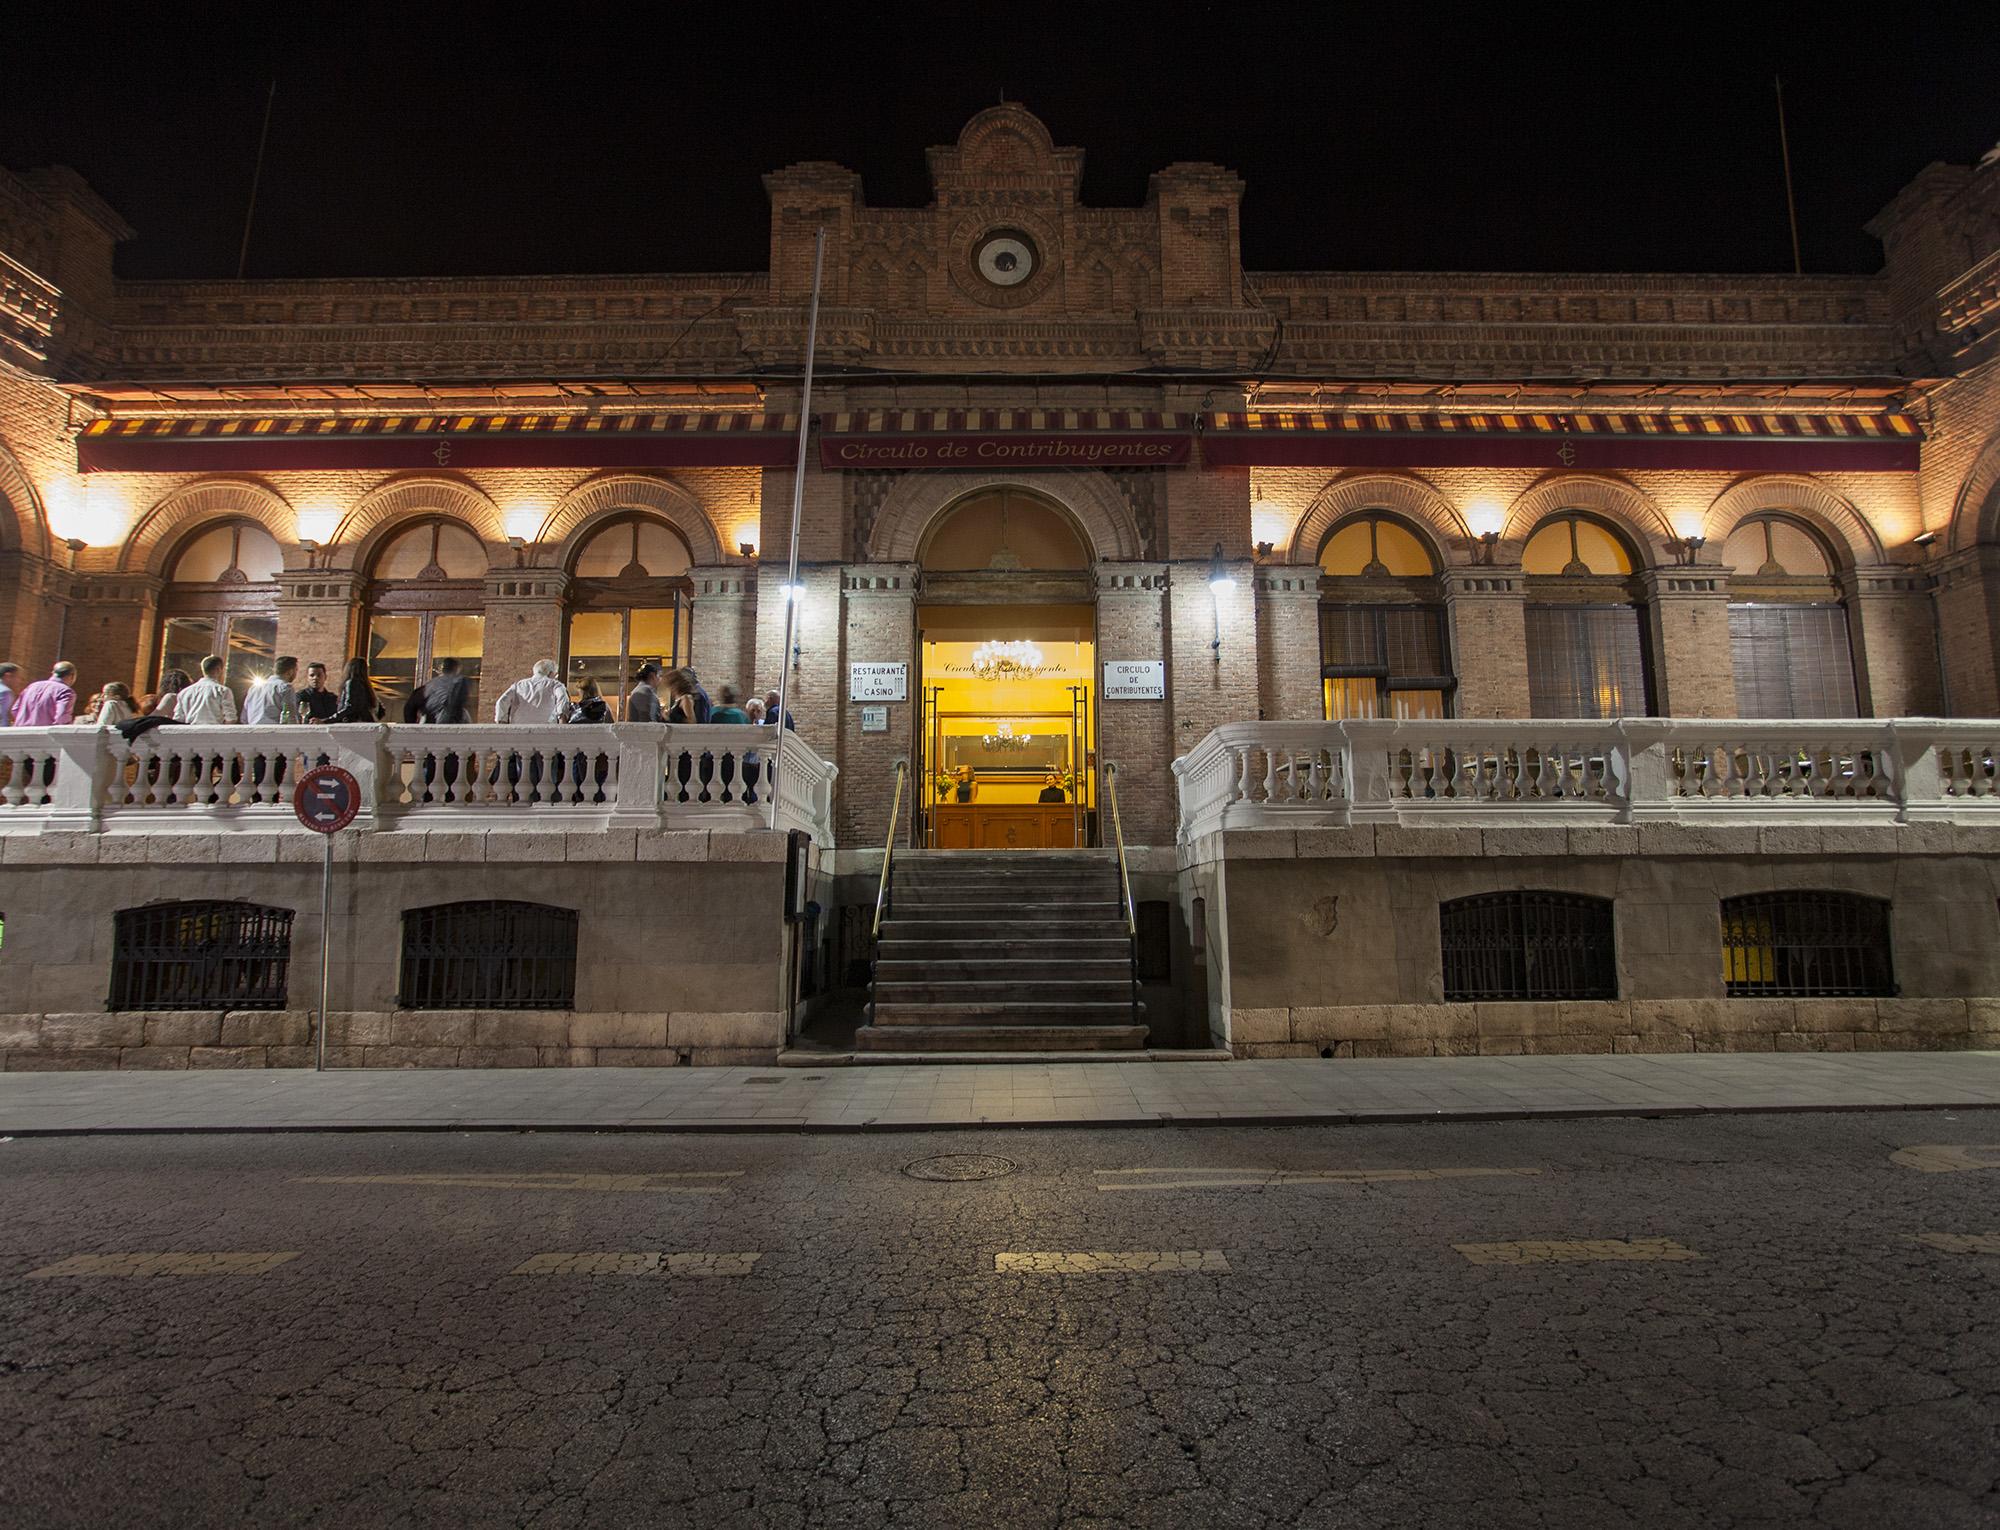 Fachada restaurante Casino Alcalá